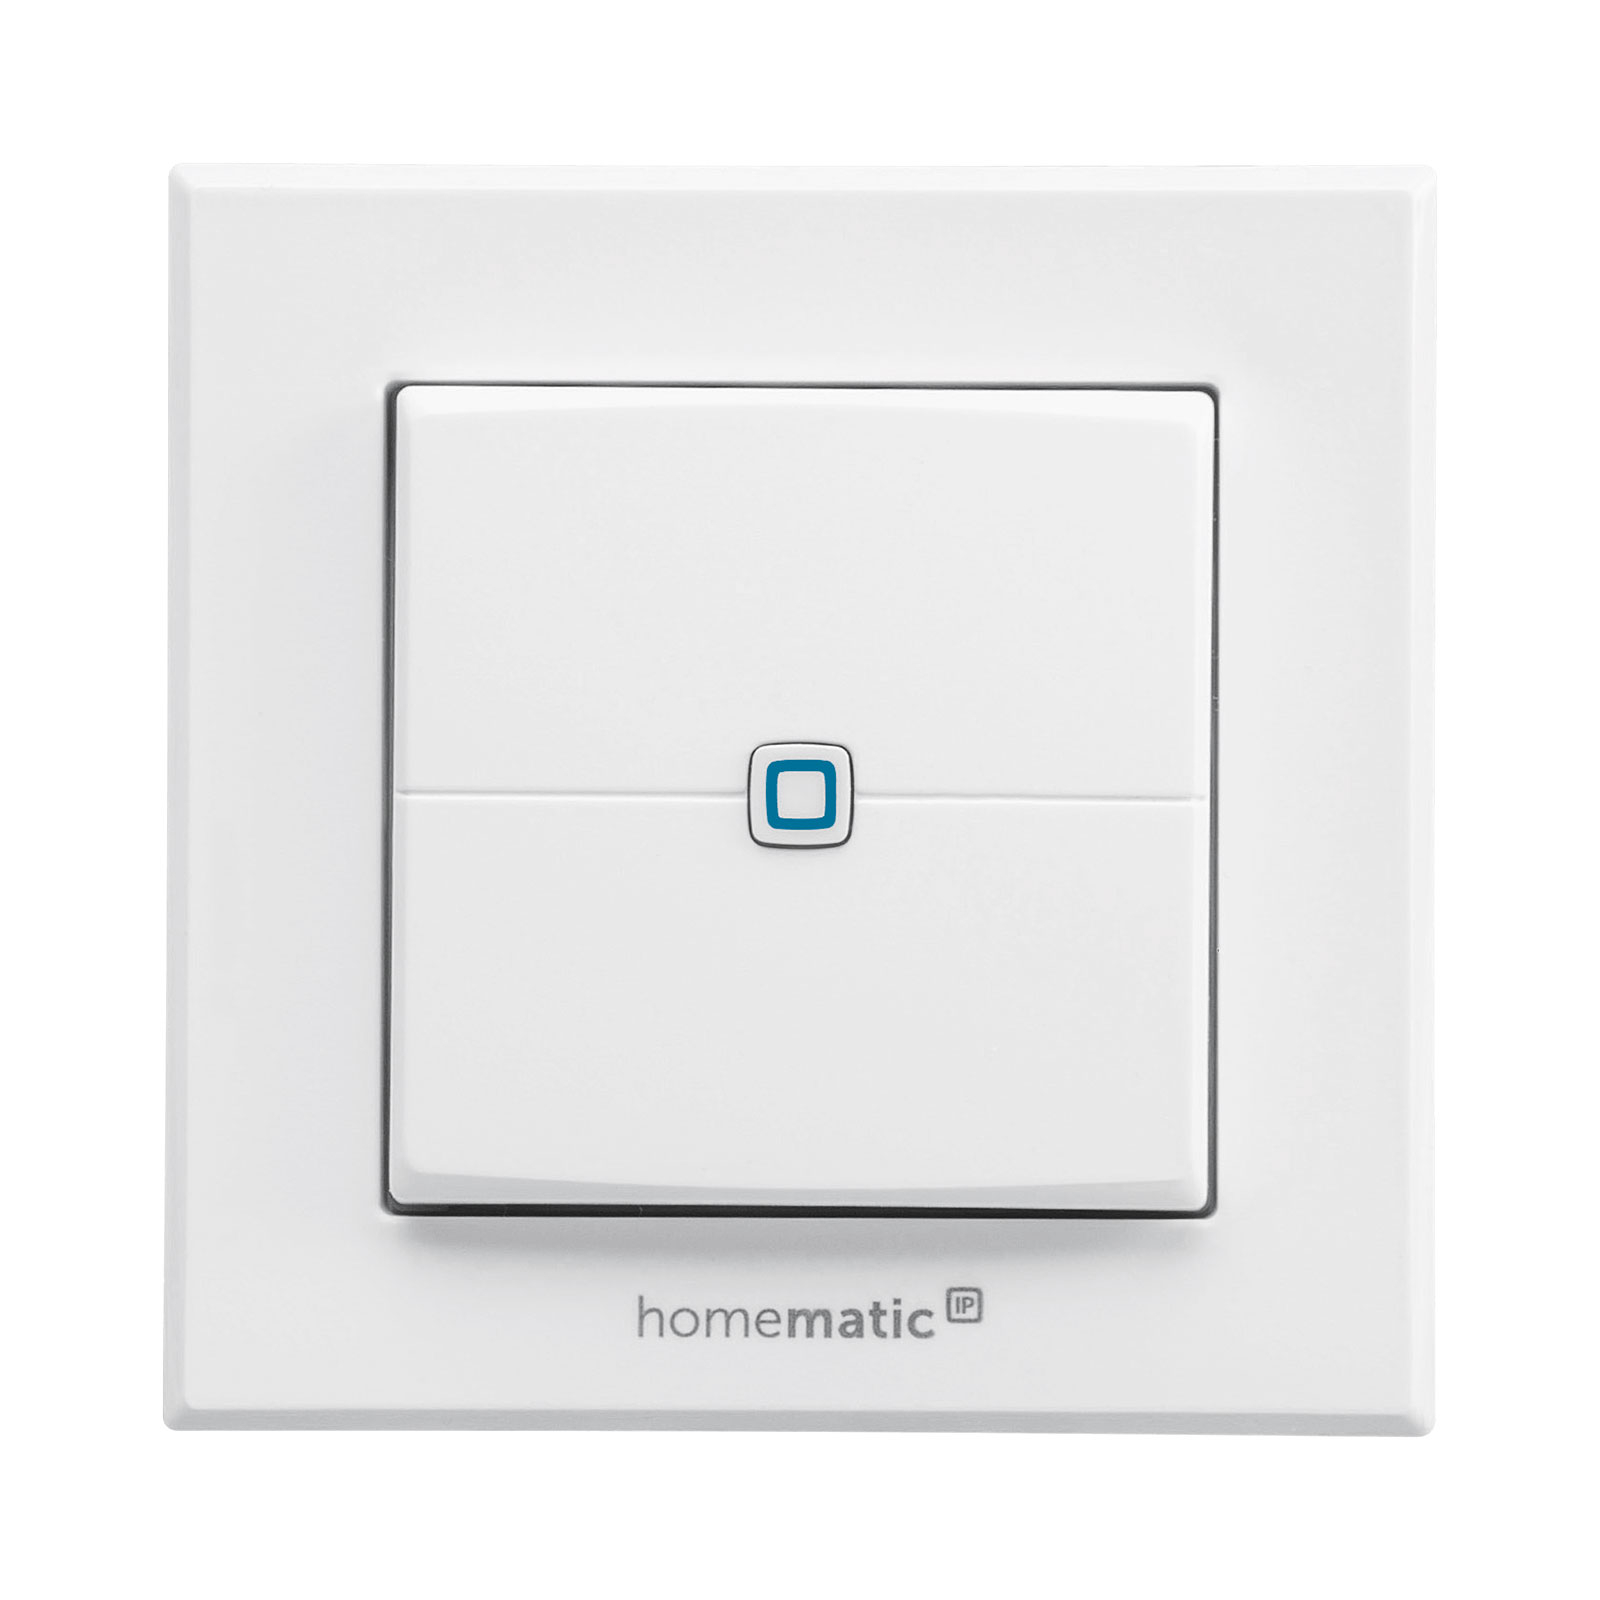 Homematic IP przycisk ścienny, 2-krotny